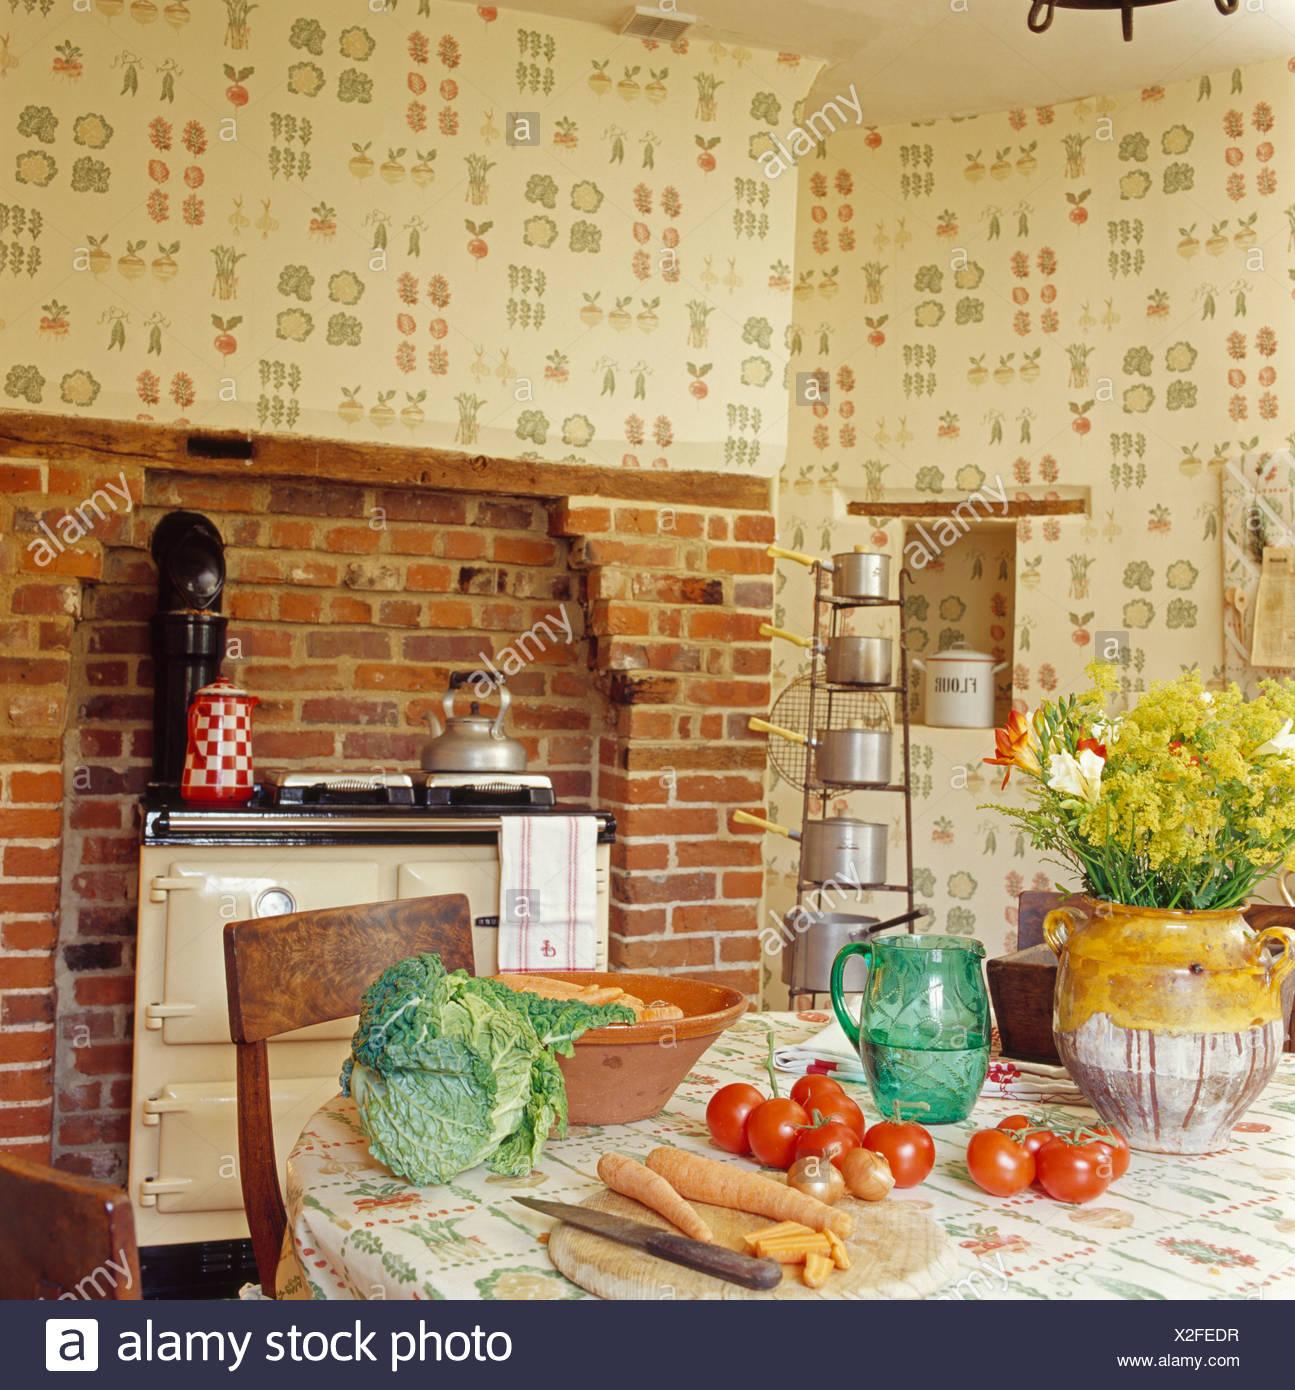 Hermosa País Insular Cocina De La Cabaña Ornamento - Ideas de ...